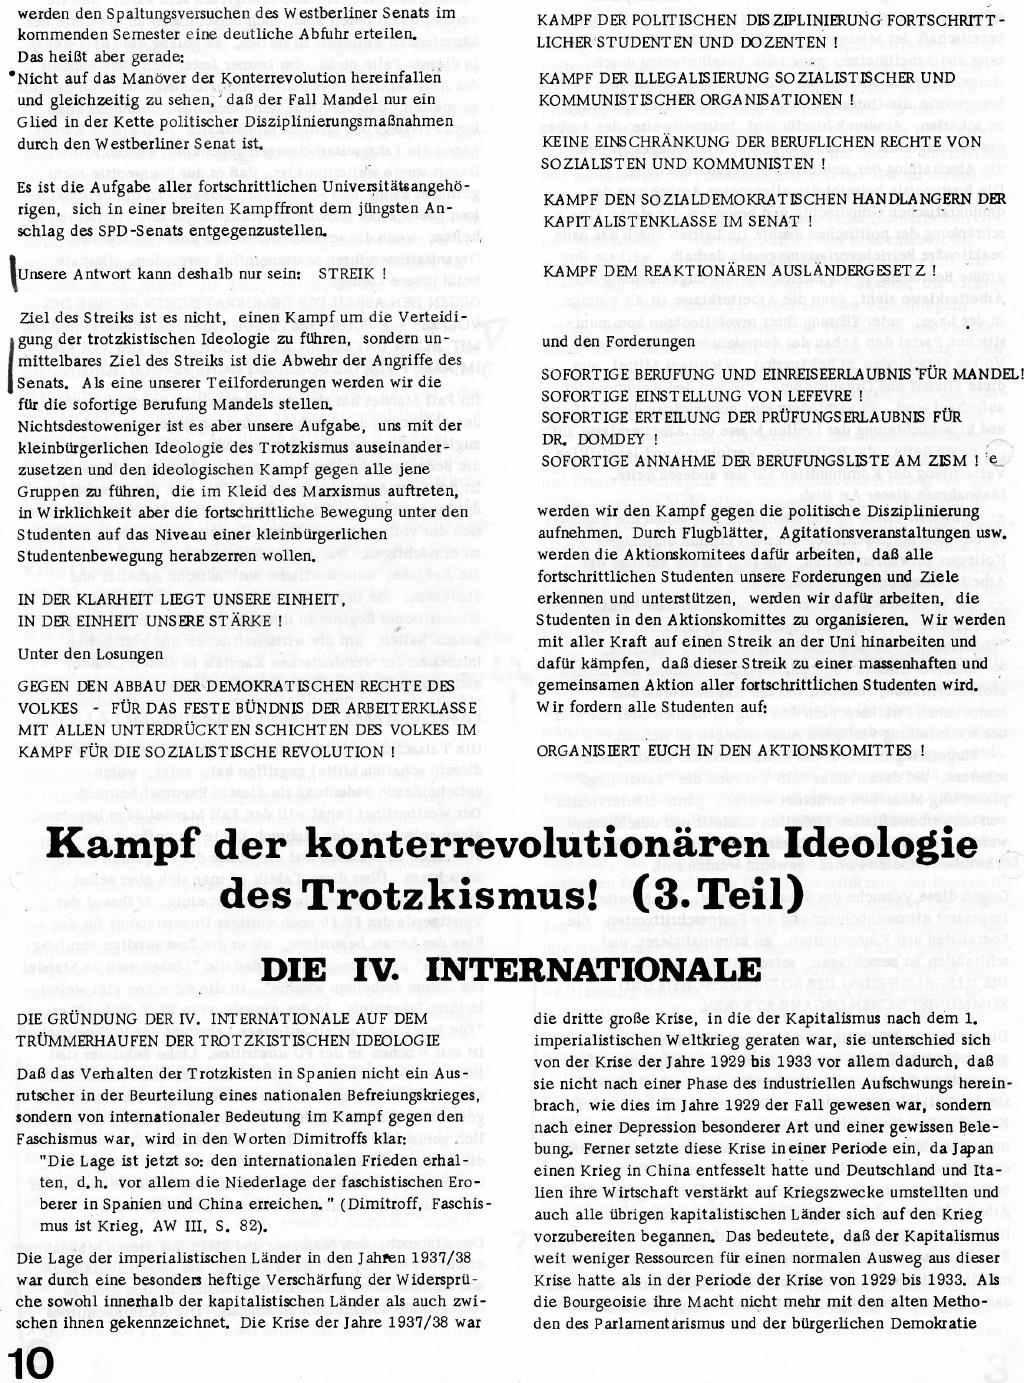 RPK_1972_163_10